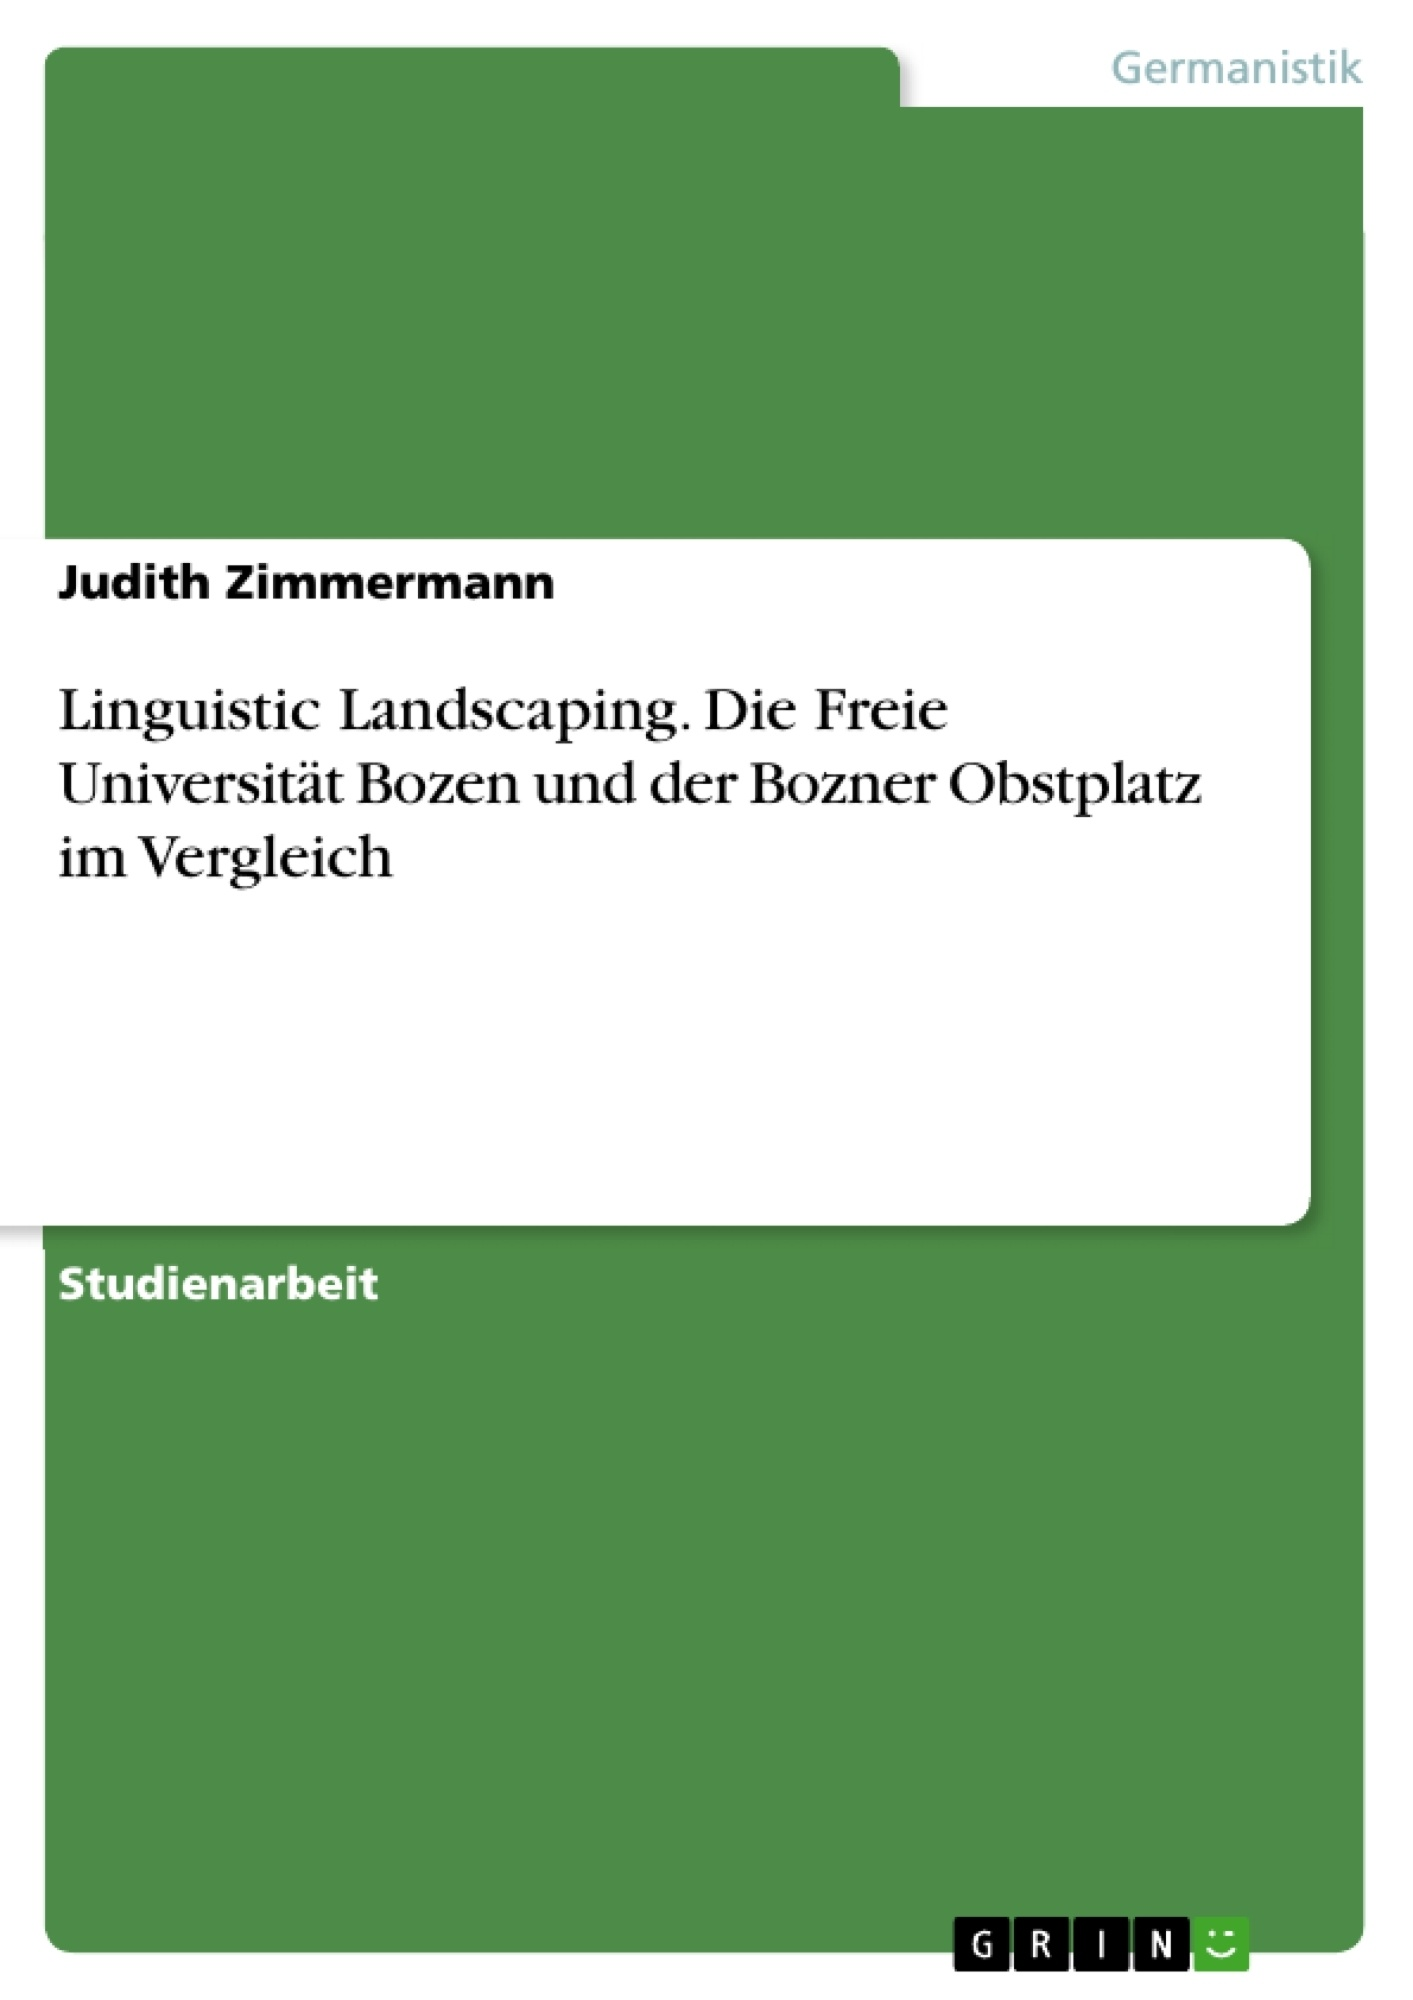 Titel: Linguistic Landscaping. Die Freie Universität Bozen und der Bozner Obstplatz im Vergleich